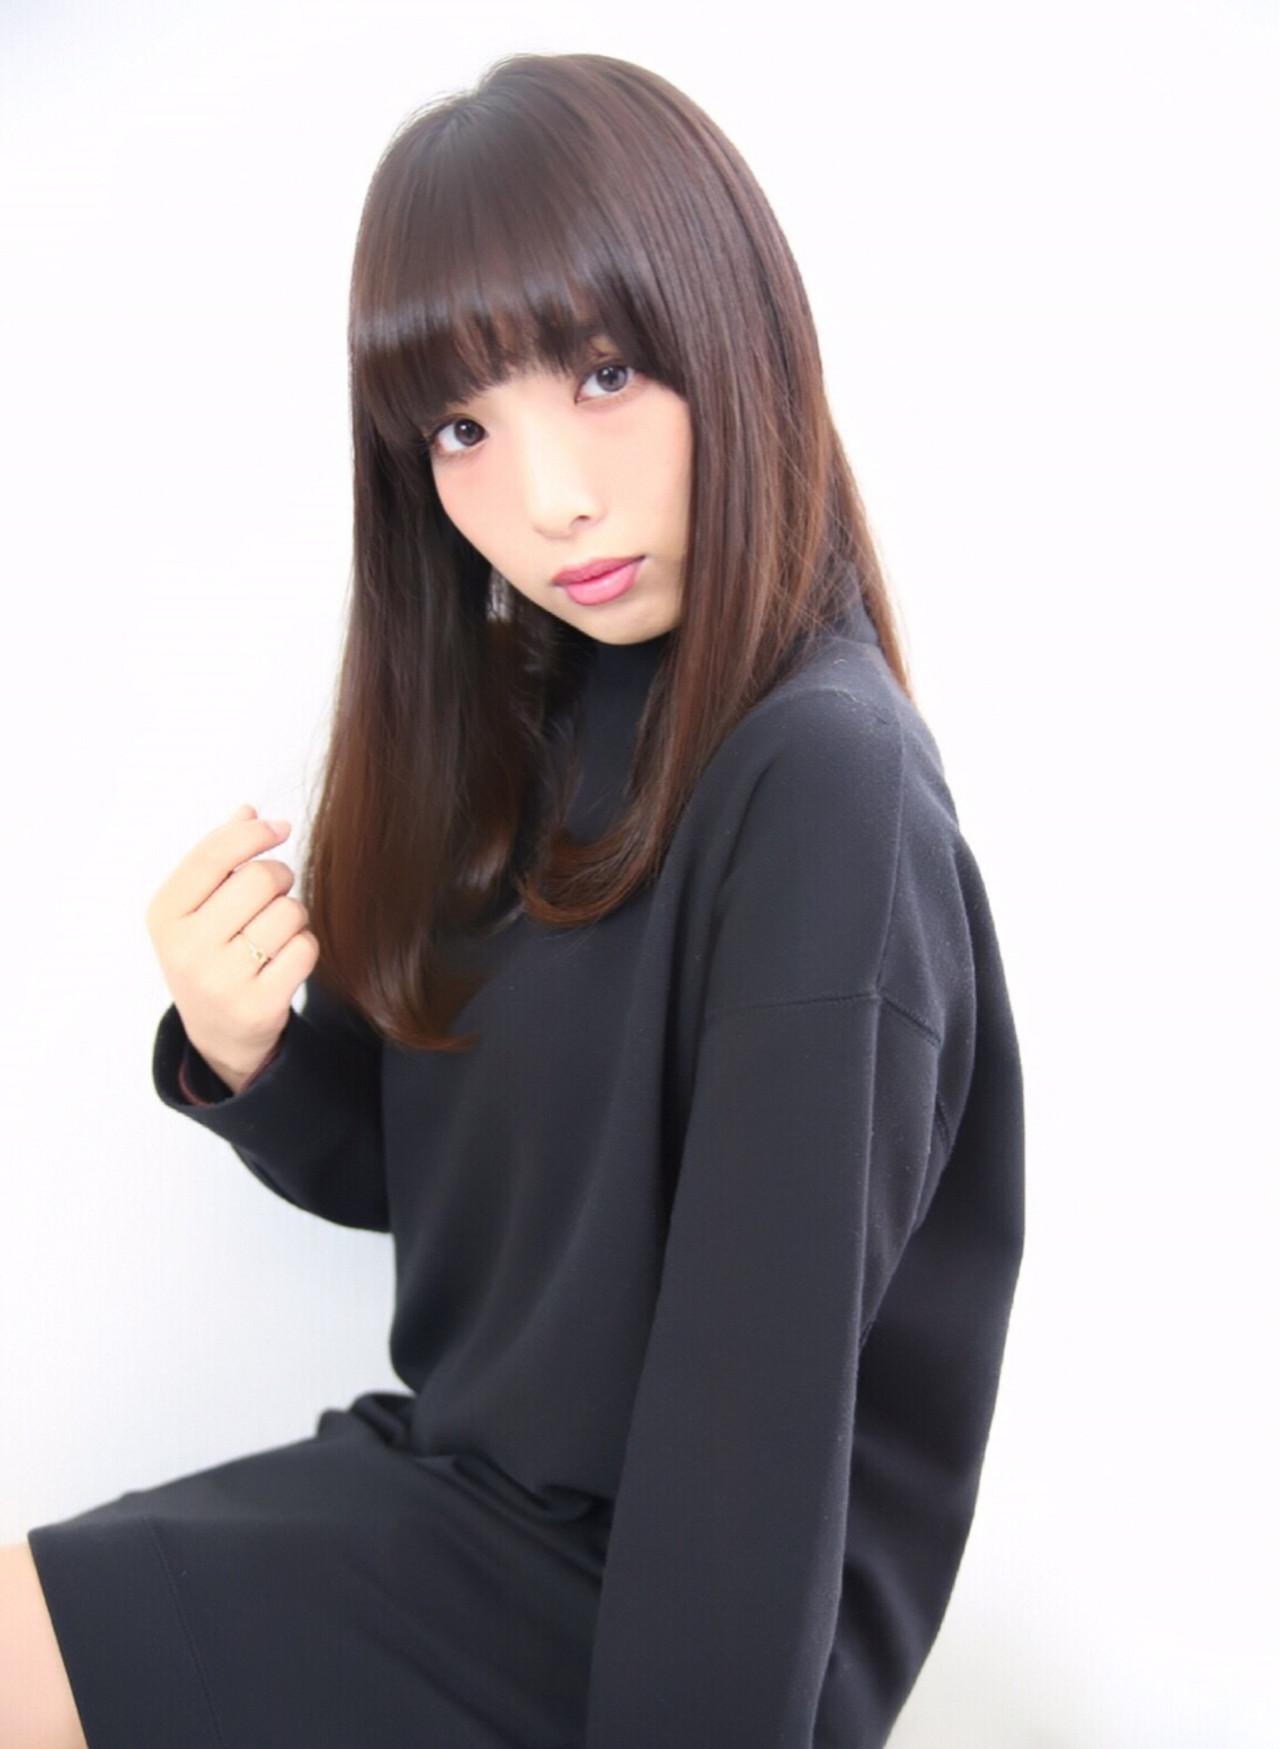 ちょっとモードなストレートロング Obayashi Natsumi